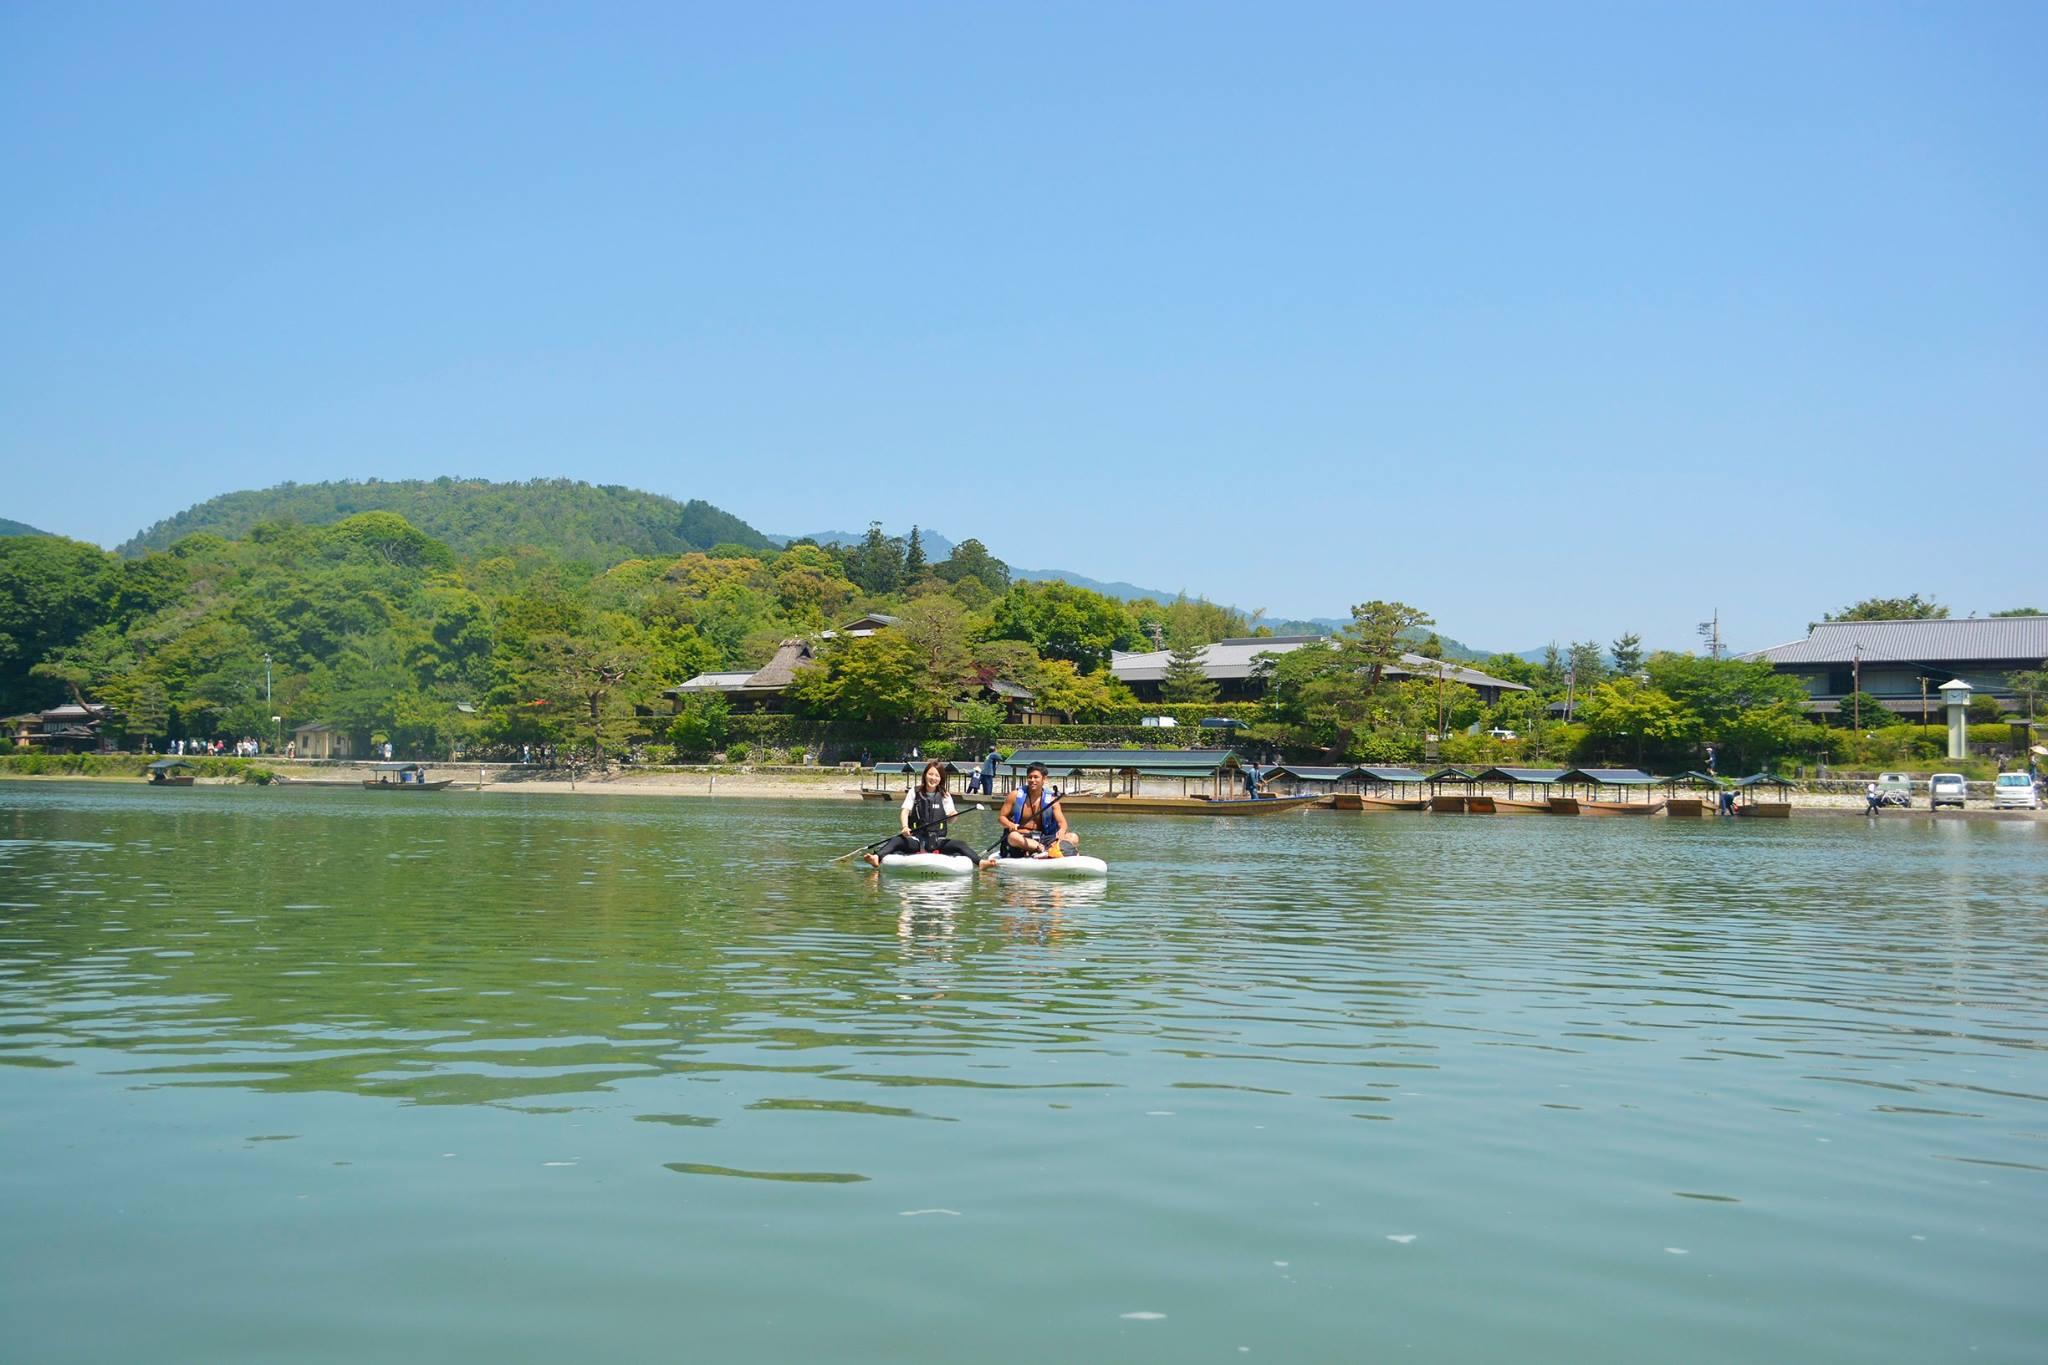 京都、日本を感じる建造物や屋形船と